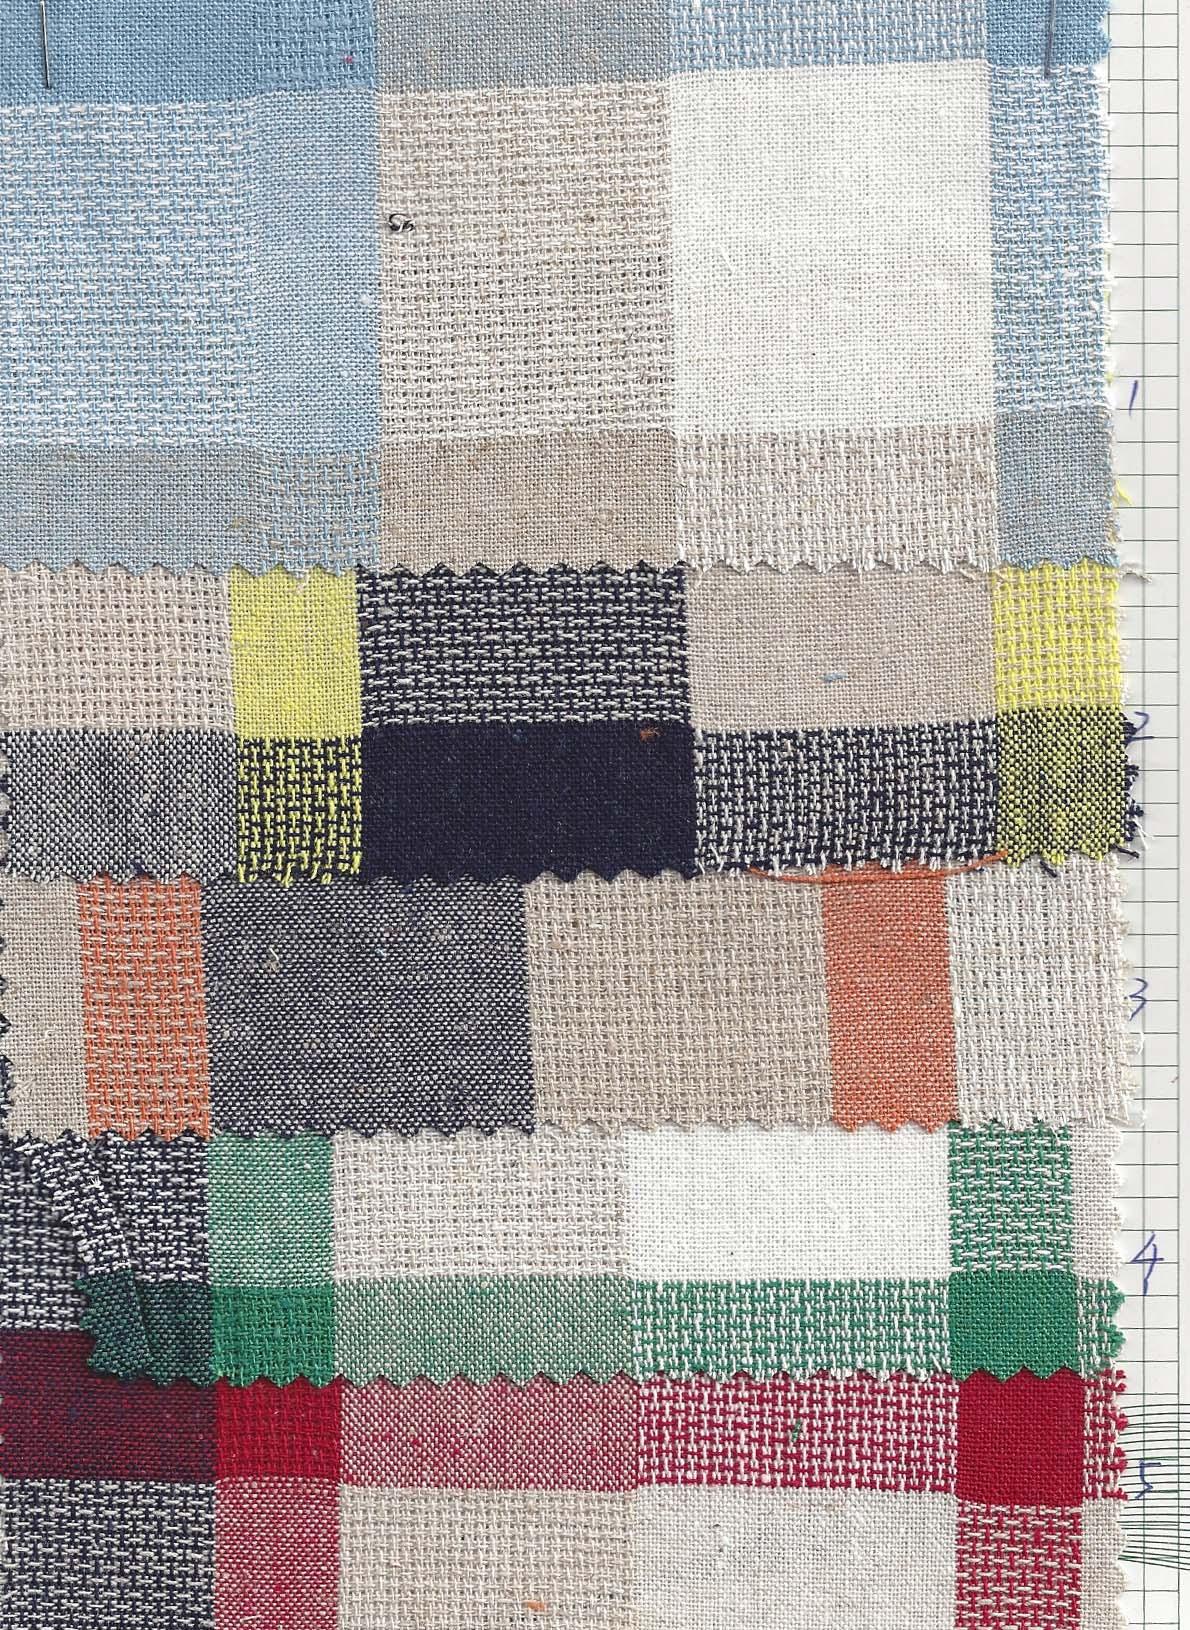 Textile Da Yuan M1350.jpg